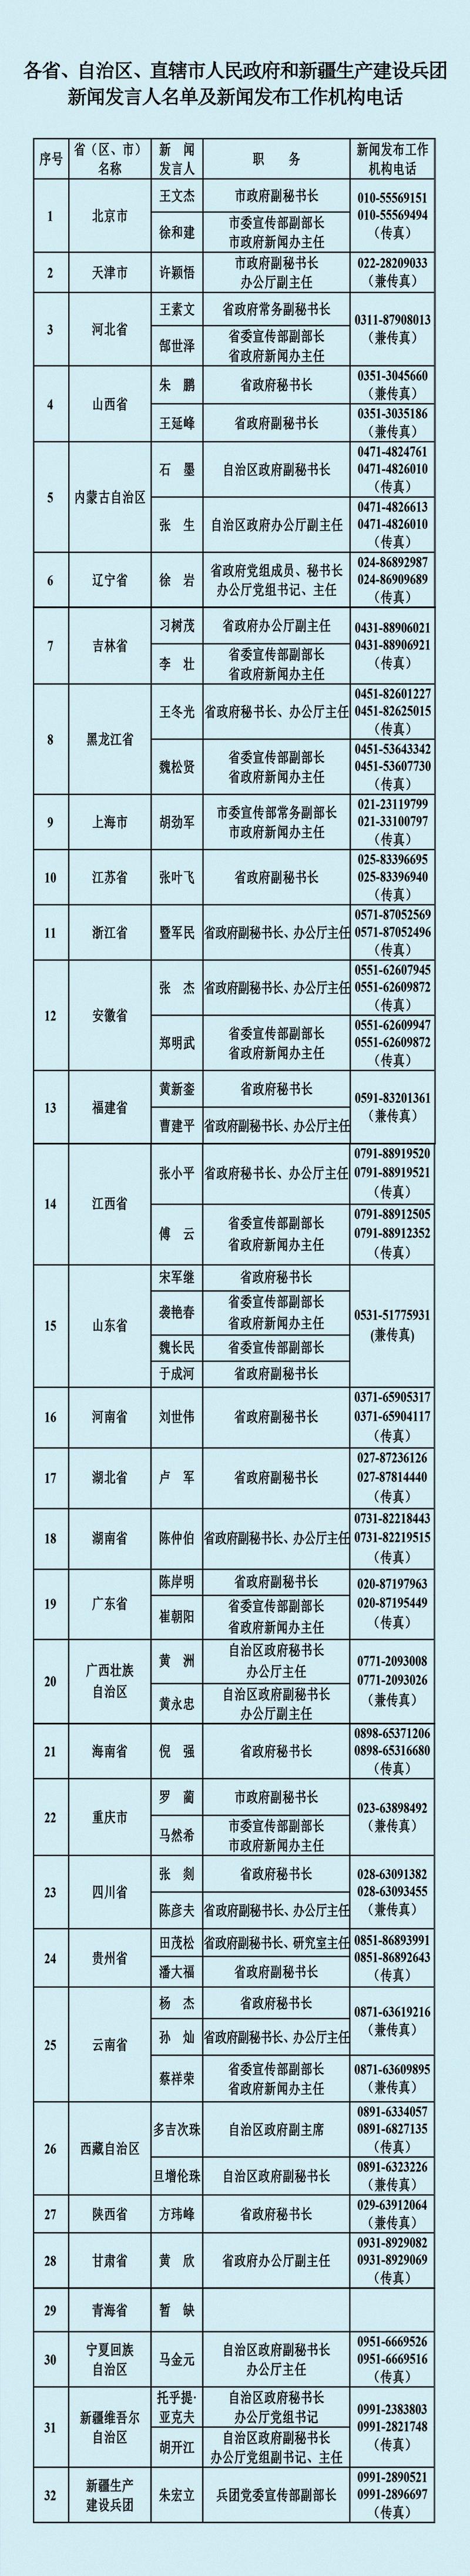 中央国家机关和地方2021年新闻发言人名录